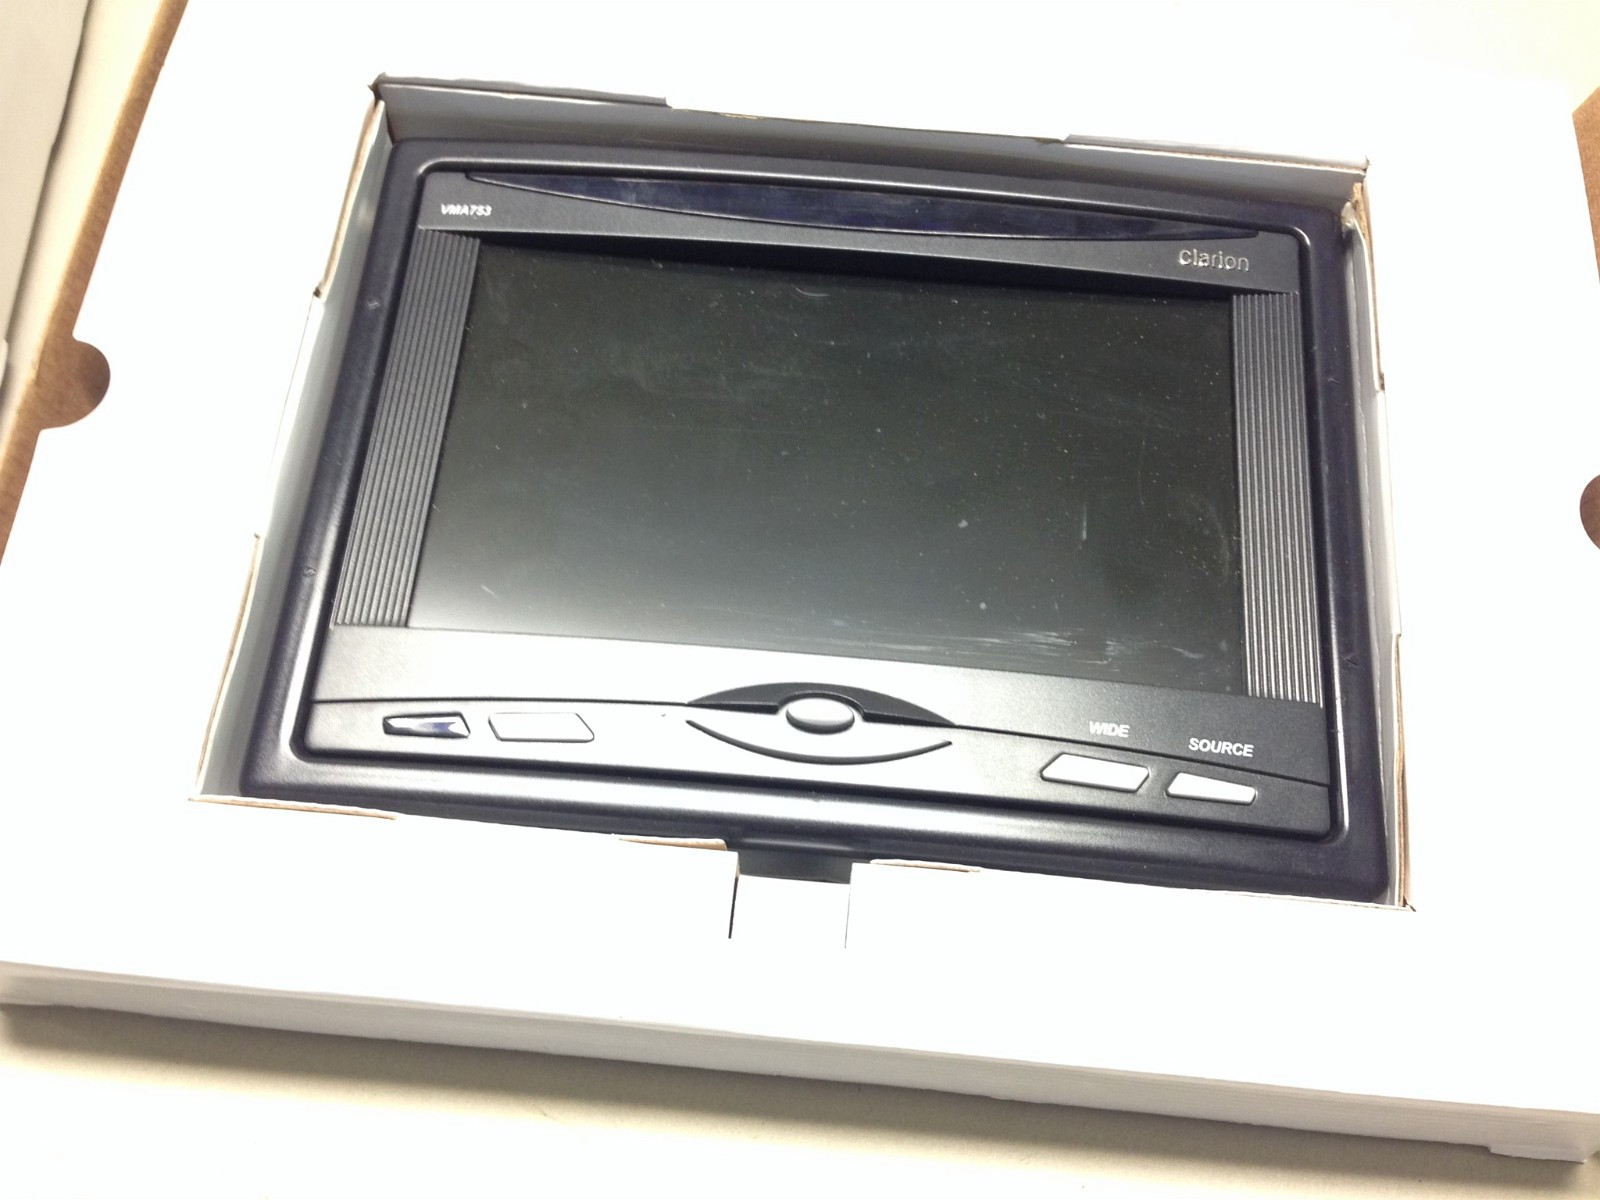 """Clarion 7"""" skjerm VMA753 - Tynset  - Clarion 7"""" skjerm VMA753 Komplett med kabler og innfellingsramme. Kun vært brukt for demo.  Kan brukes til f.eks nakkestøtter. Veil kr. 3499,- - Tynset"""